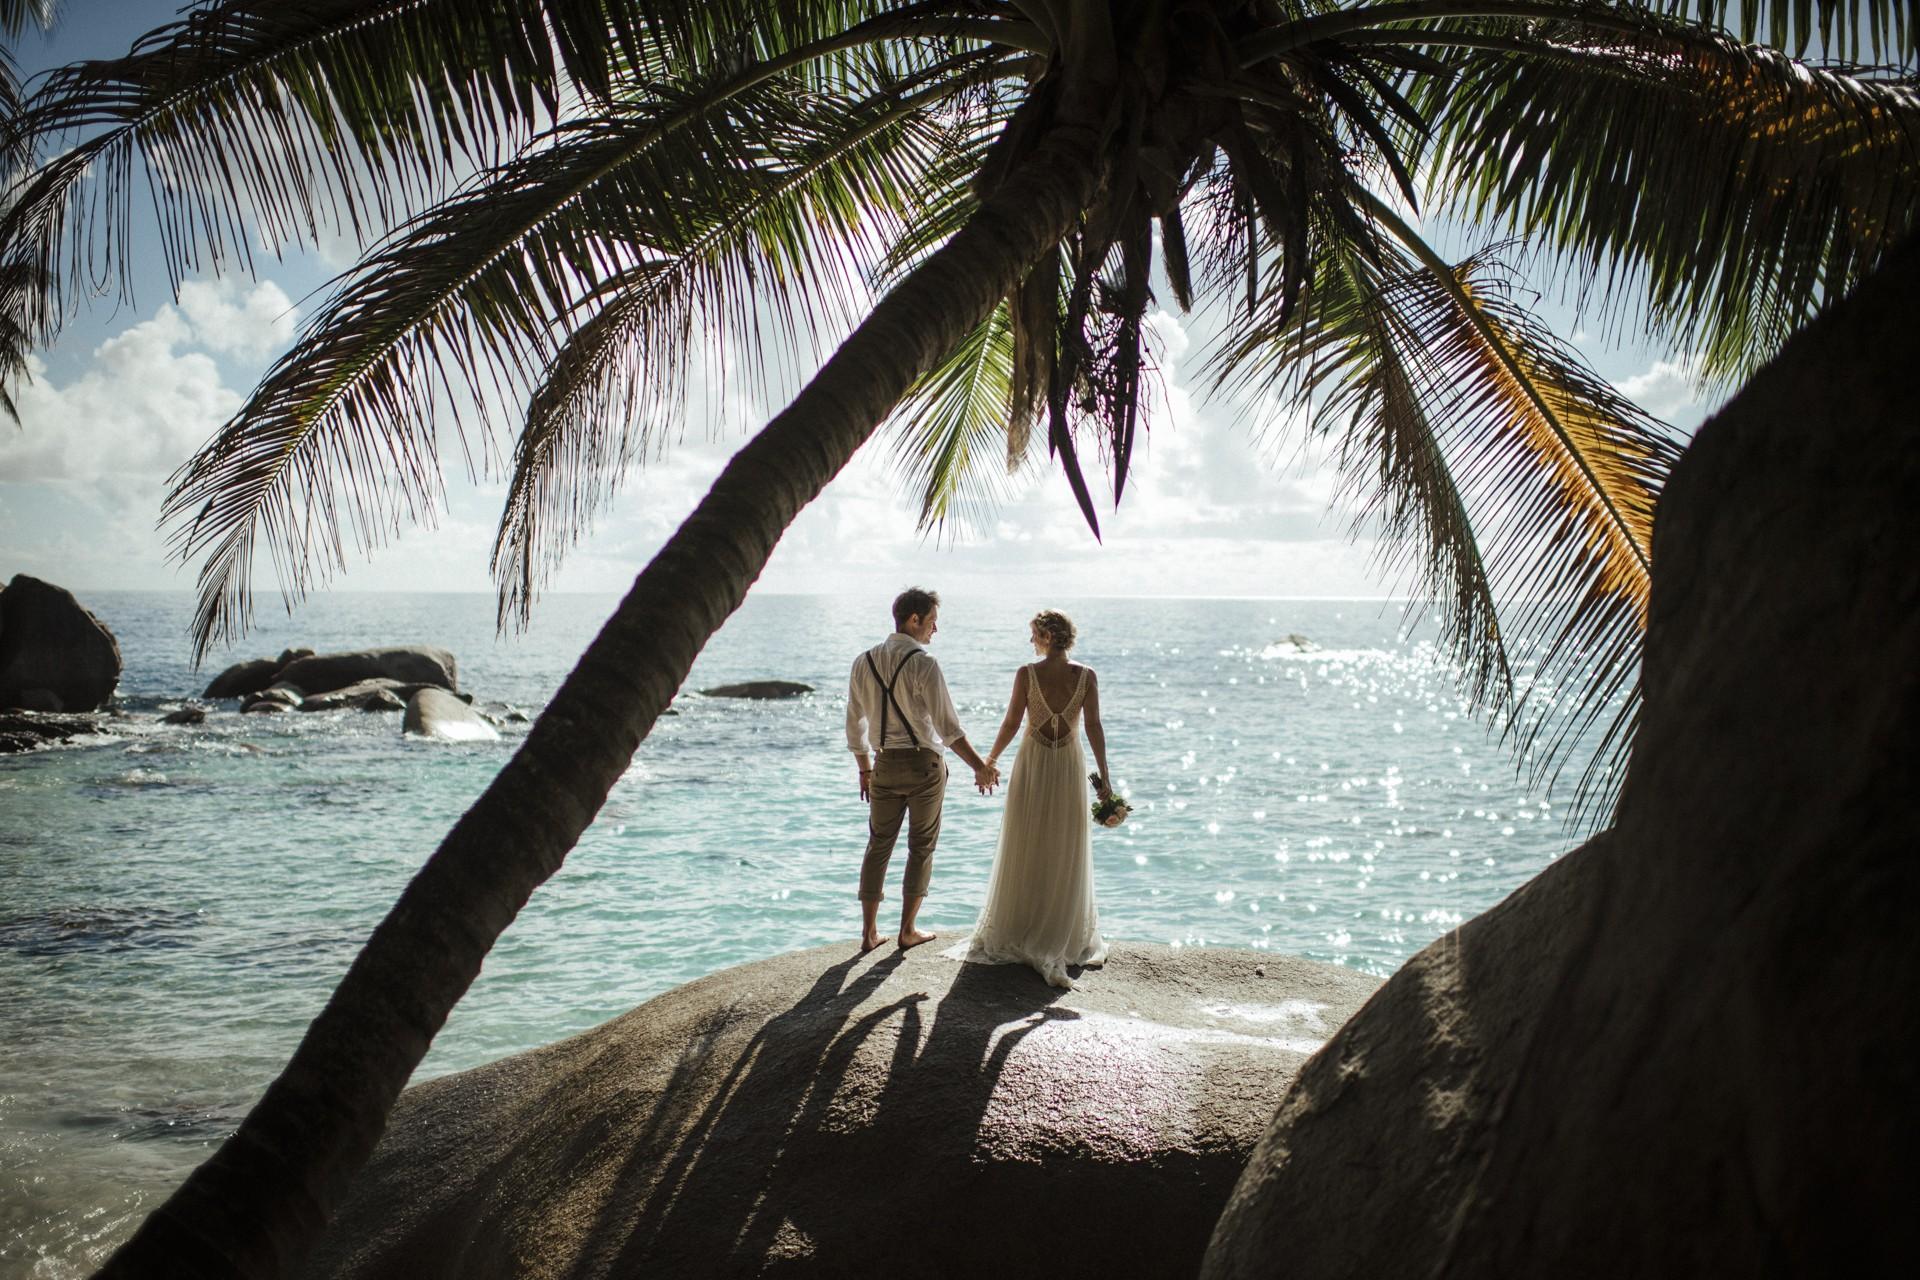 hochzeitsfotos-bkm-seychellen2